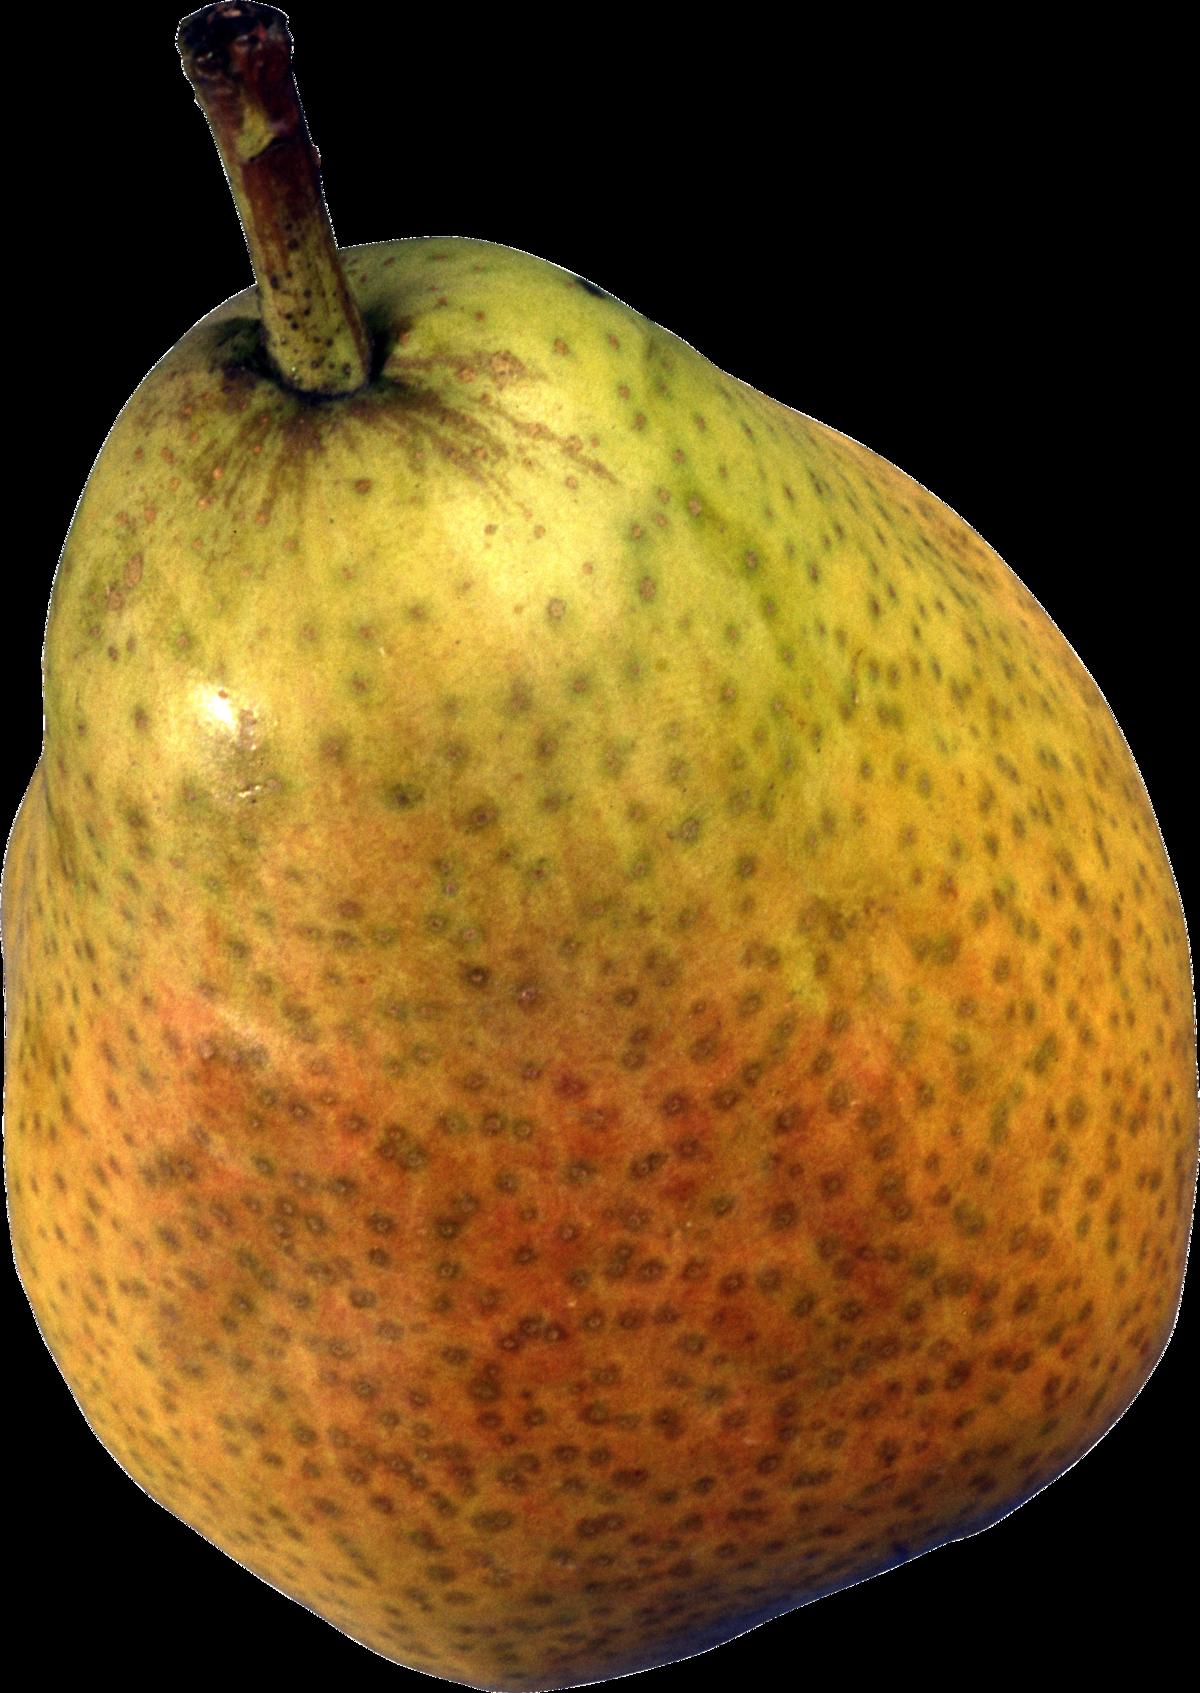 Картинки фруктов и овощей отдельно